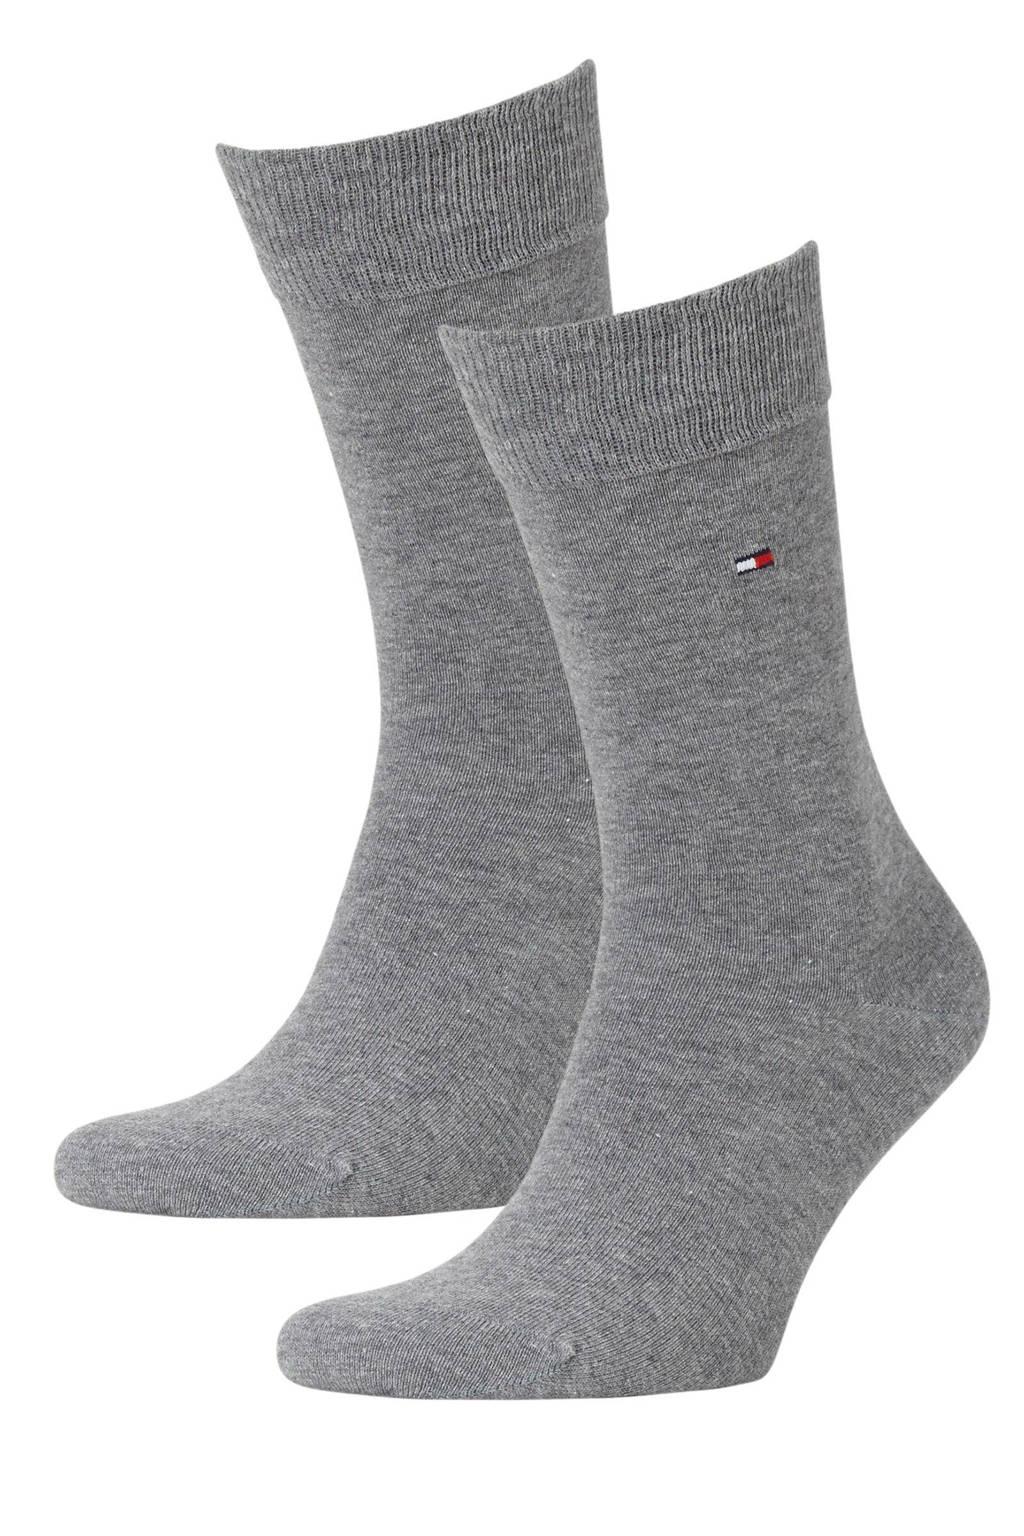 Tommy Hilfiger sokken -set van 2 grijs, Grijs